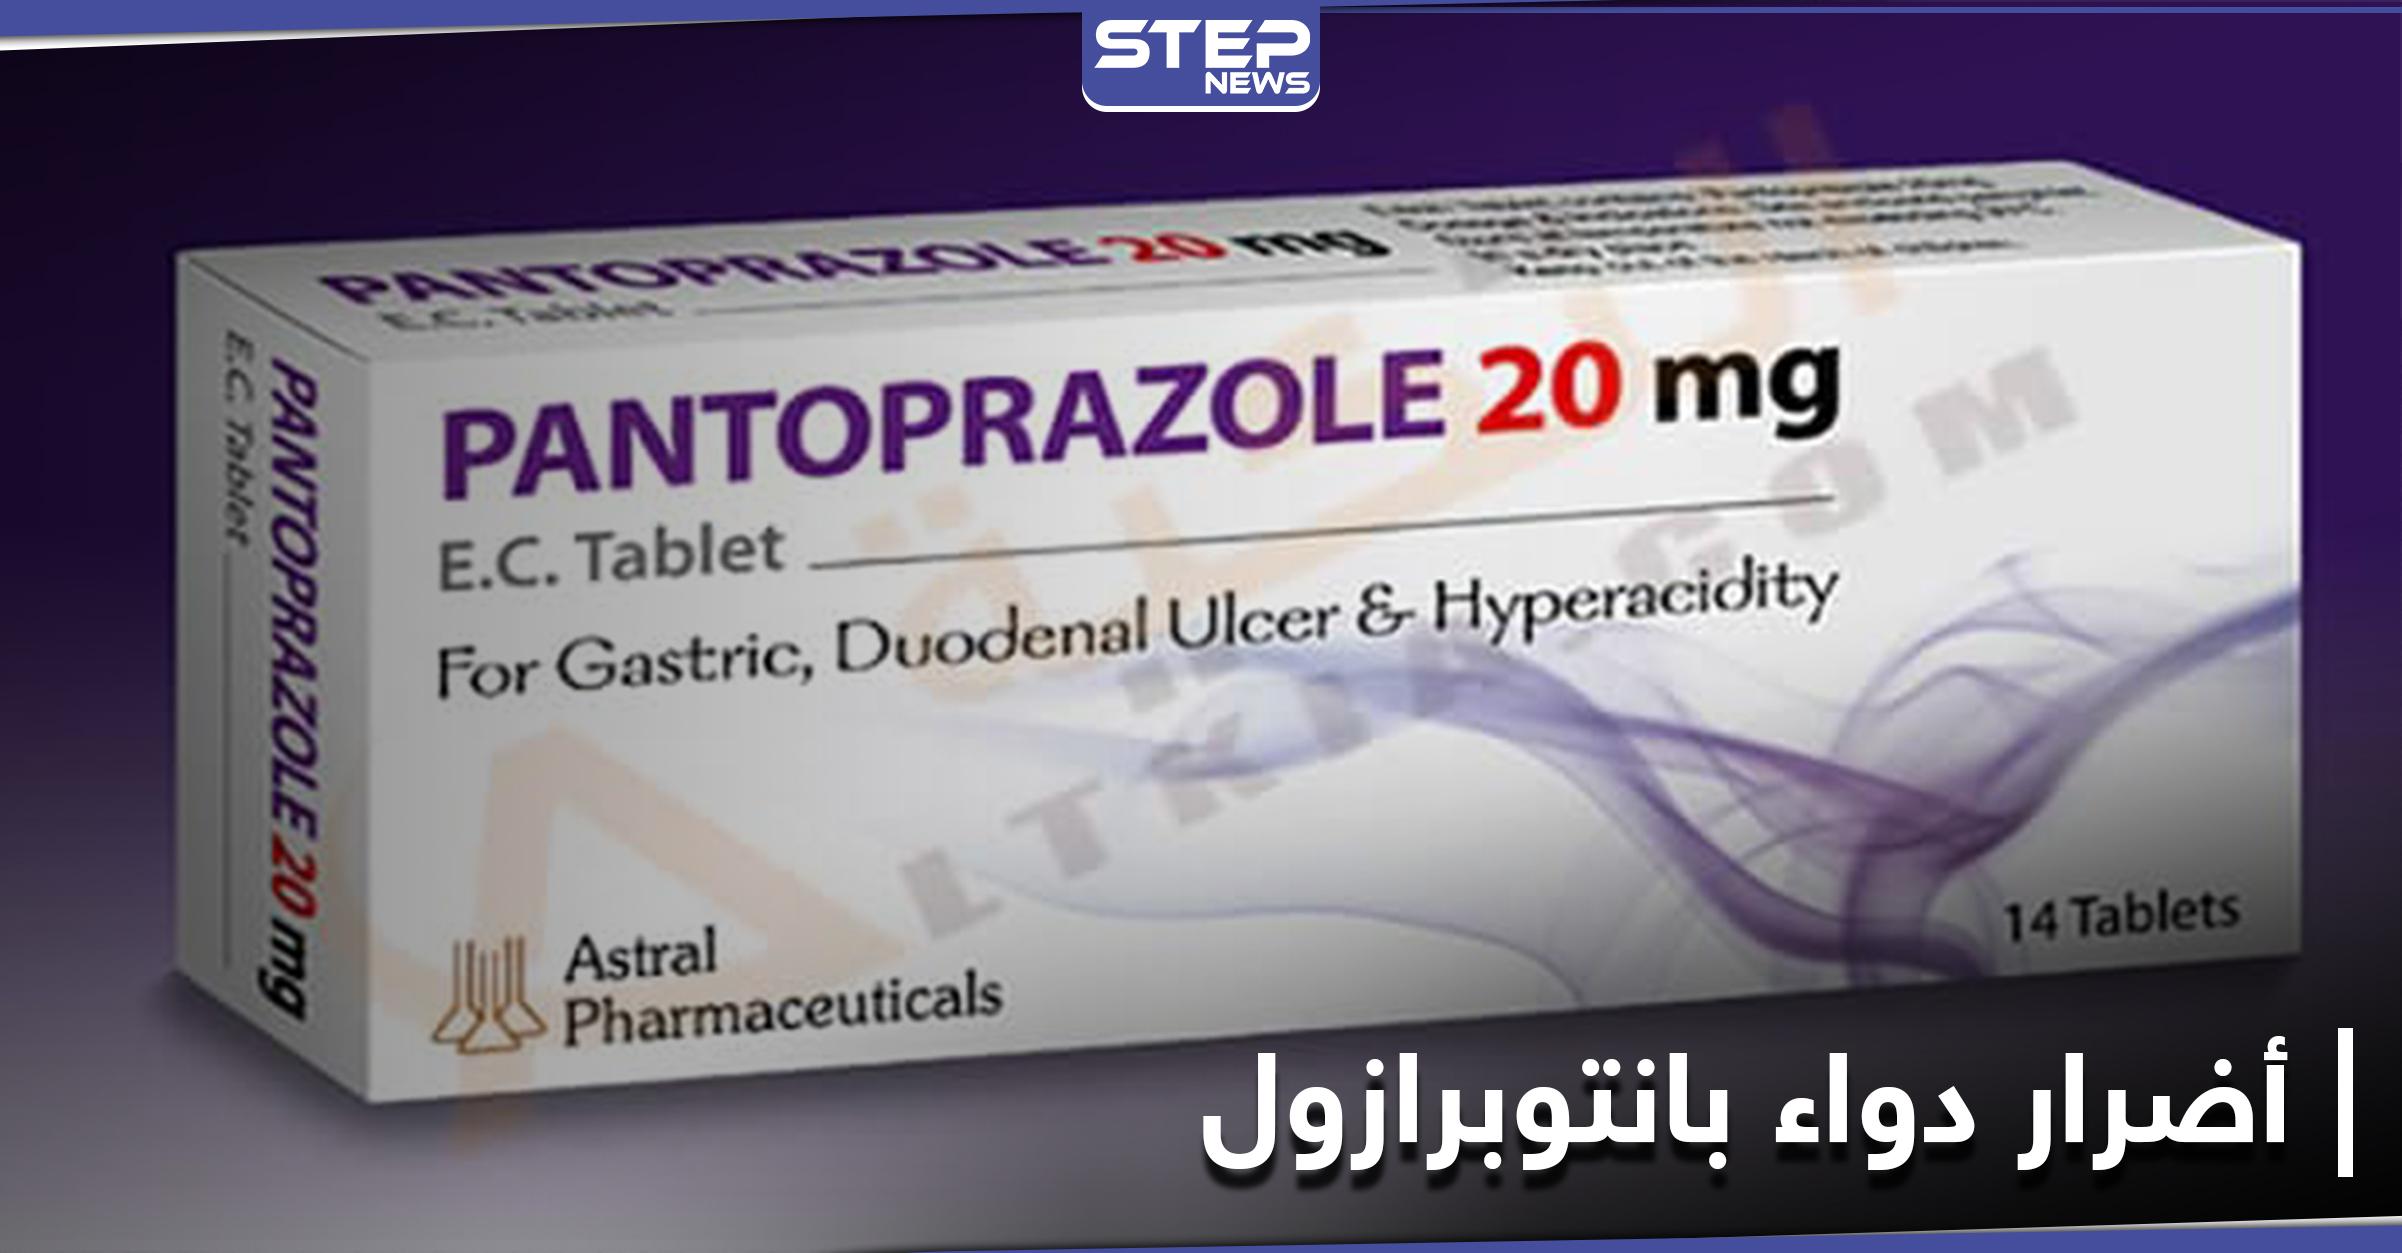 أضرار دواء بانتوبرازول